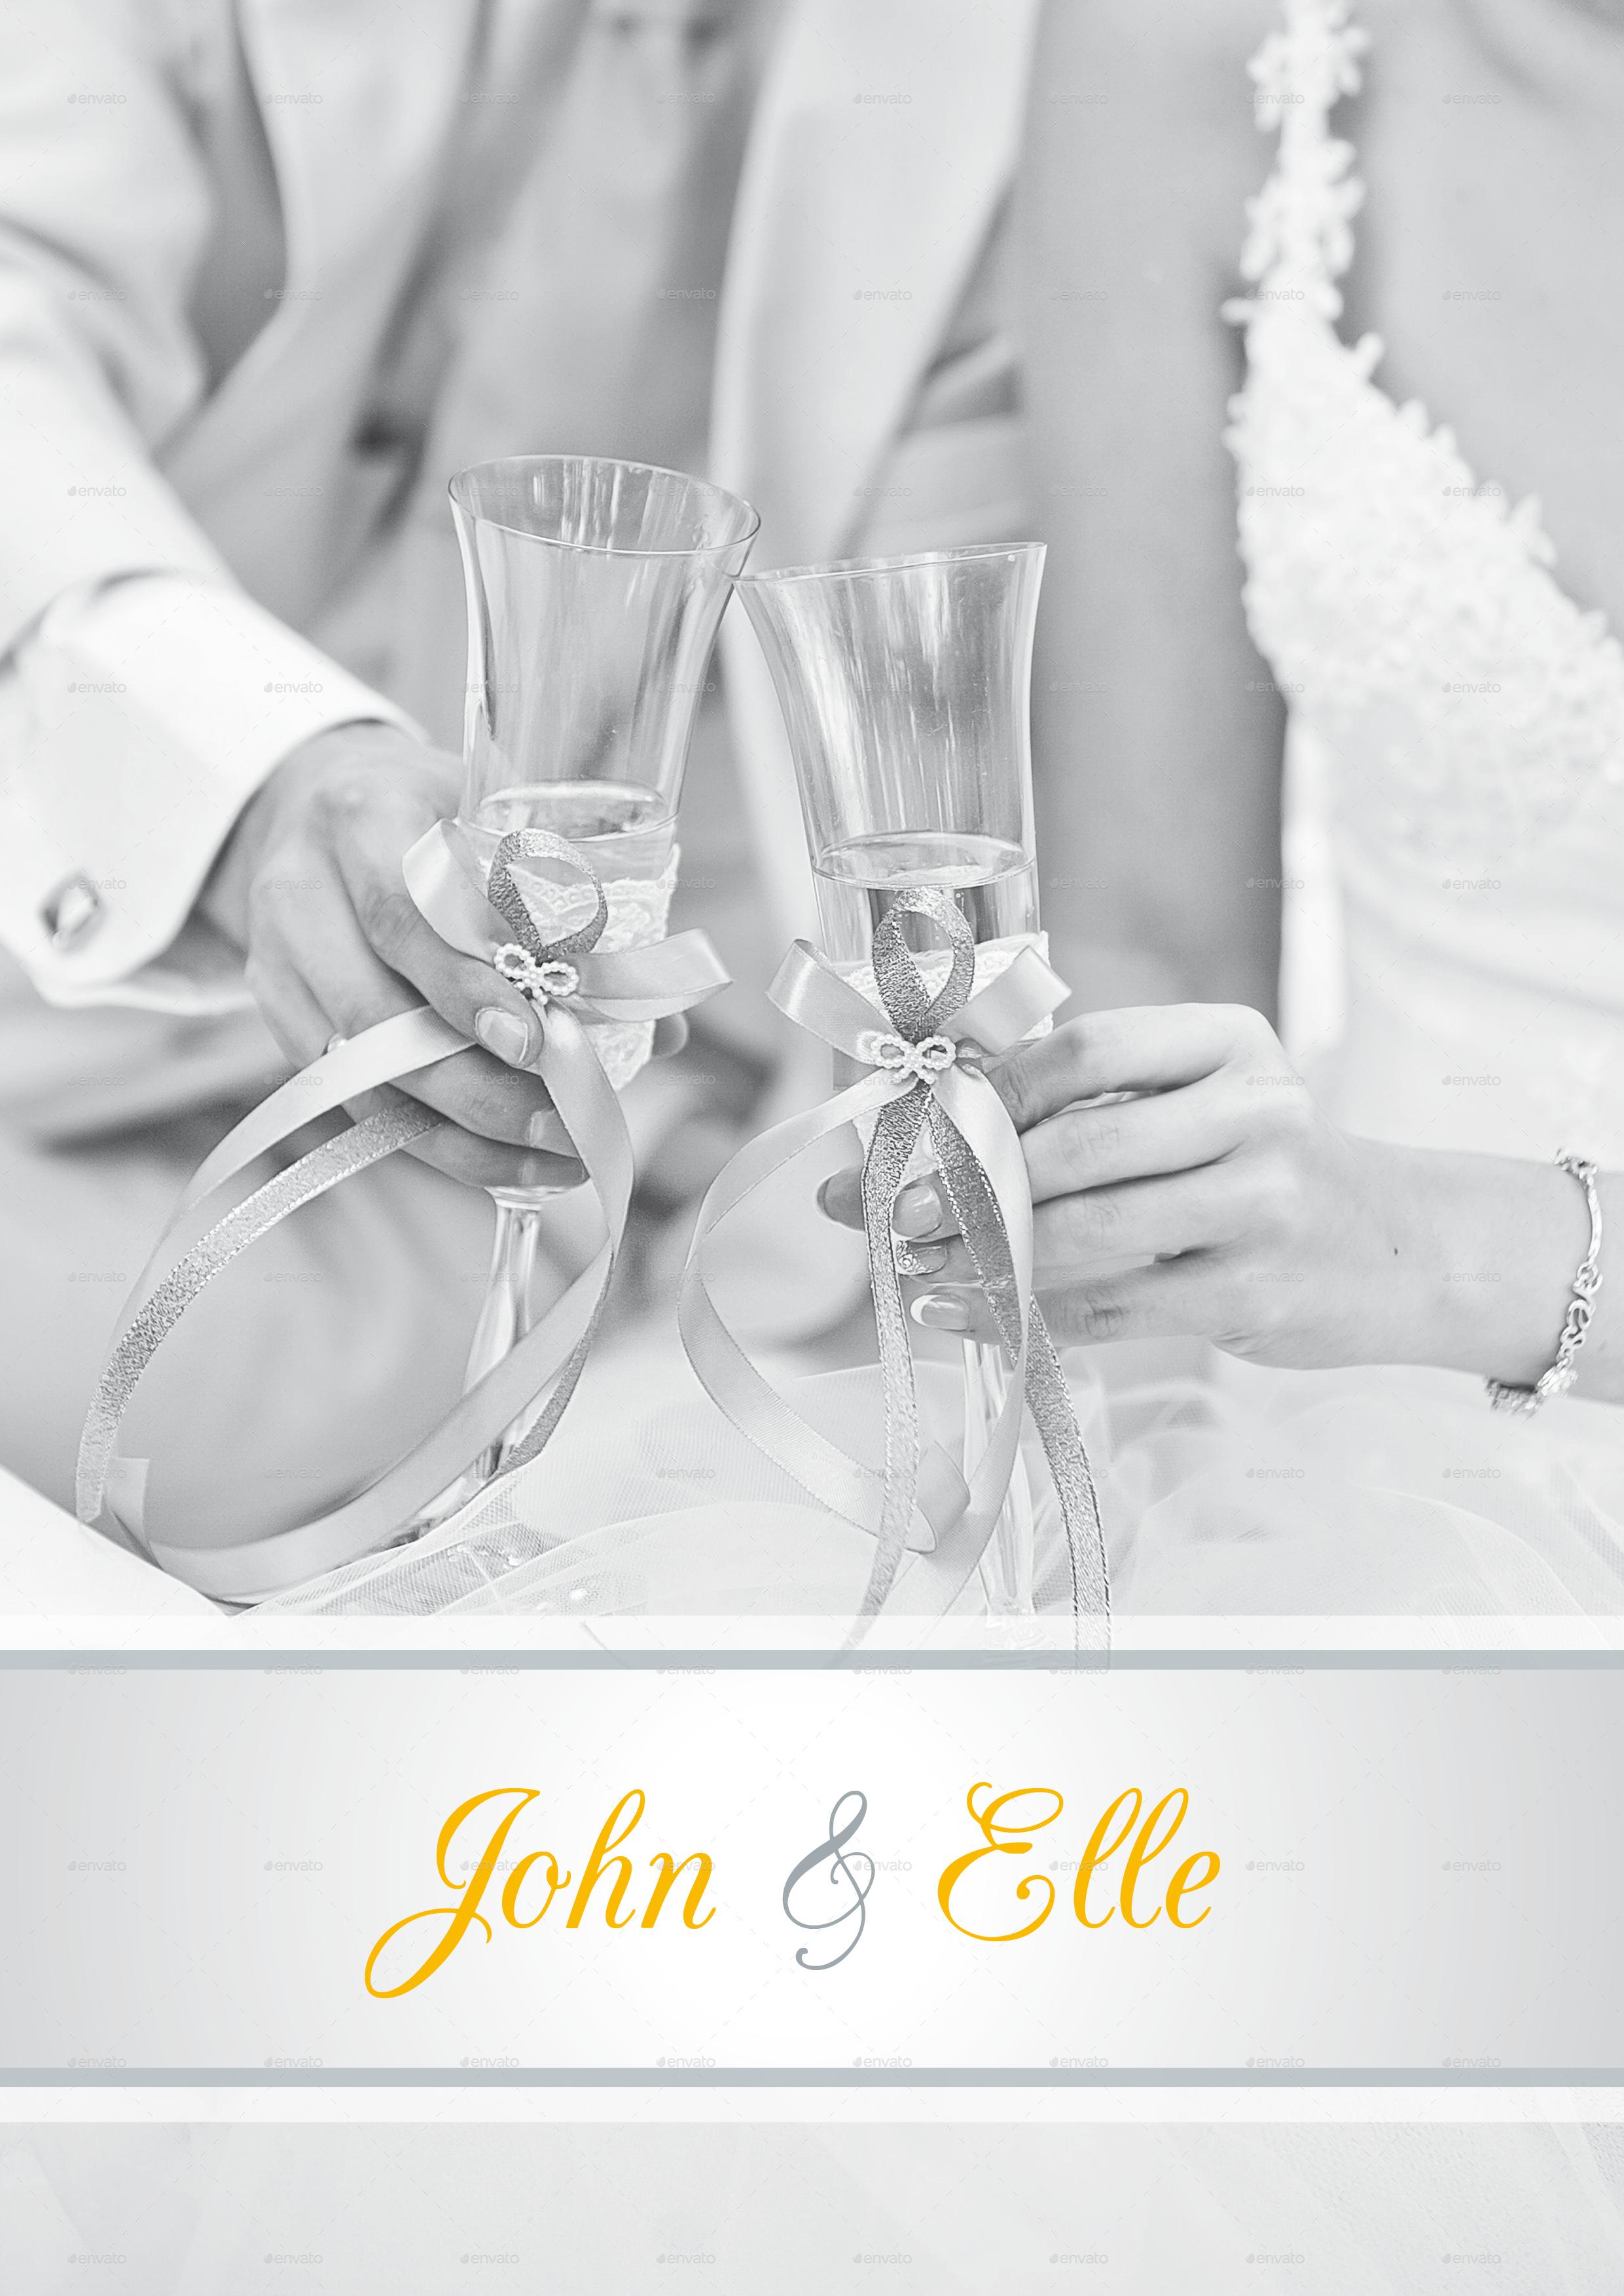 Wedding Brochure by pranata | GraphicRiver